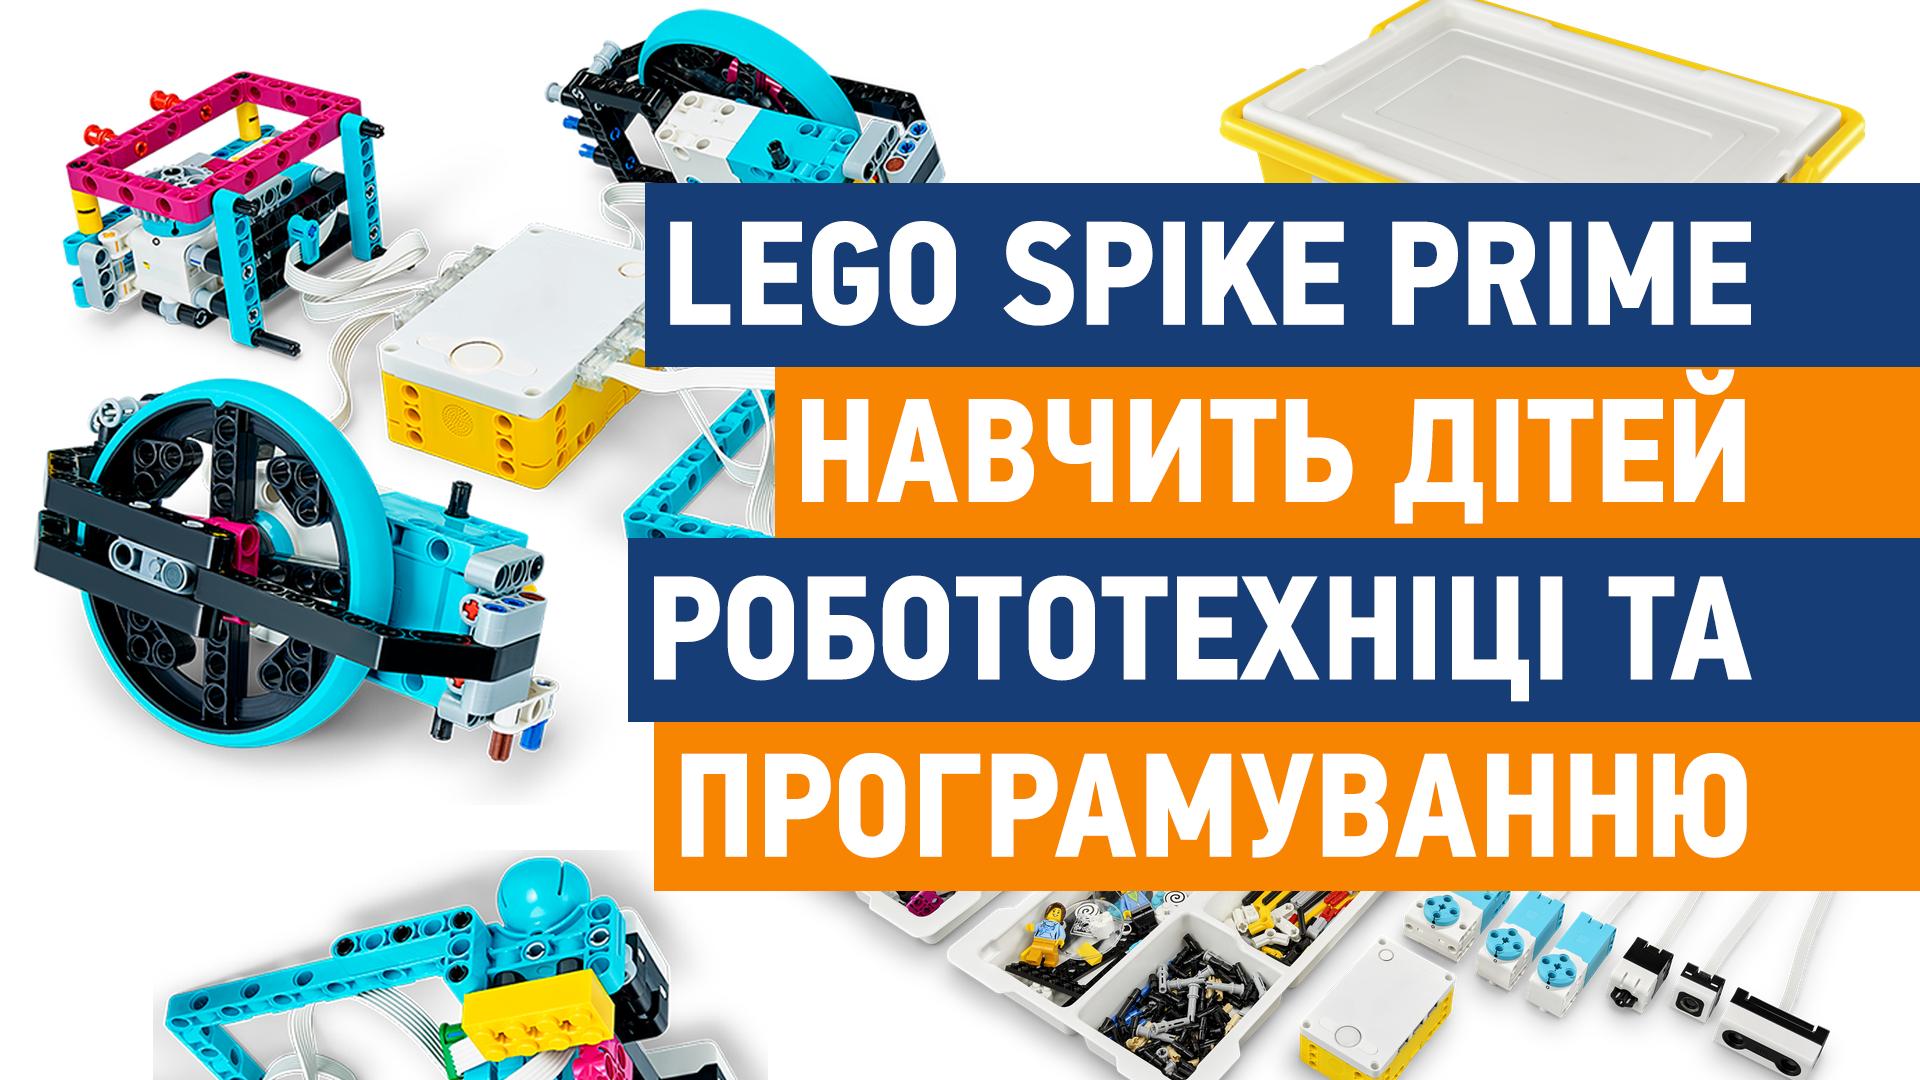 lego_spike_poglyad Конструктор, що навчає робототехніці та програмуванню